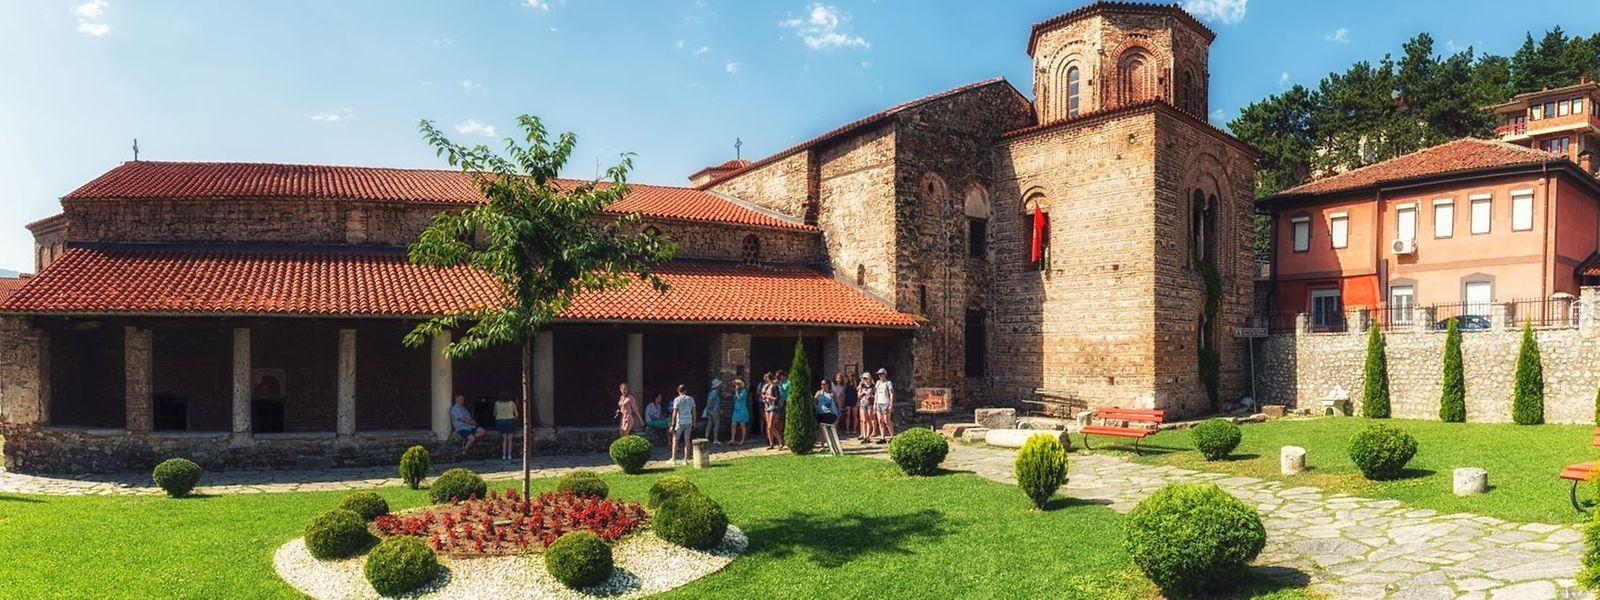 Die Sophienkirche in Ohrid überrascht mit einem spektakulären Bildprogramm aus der Zeit der Großen Kirchenspaltung von 1054.